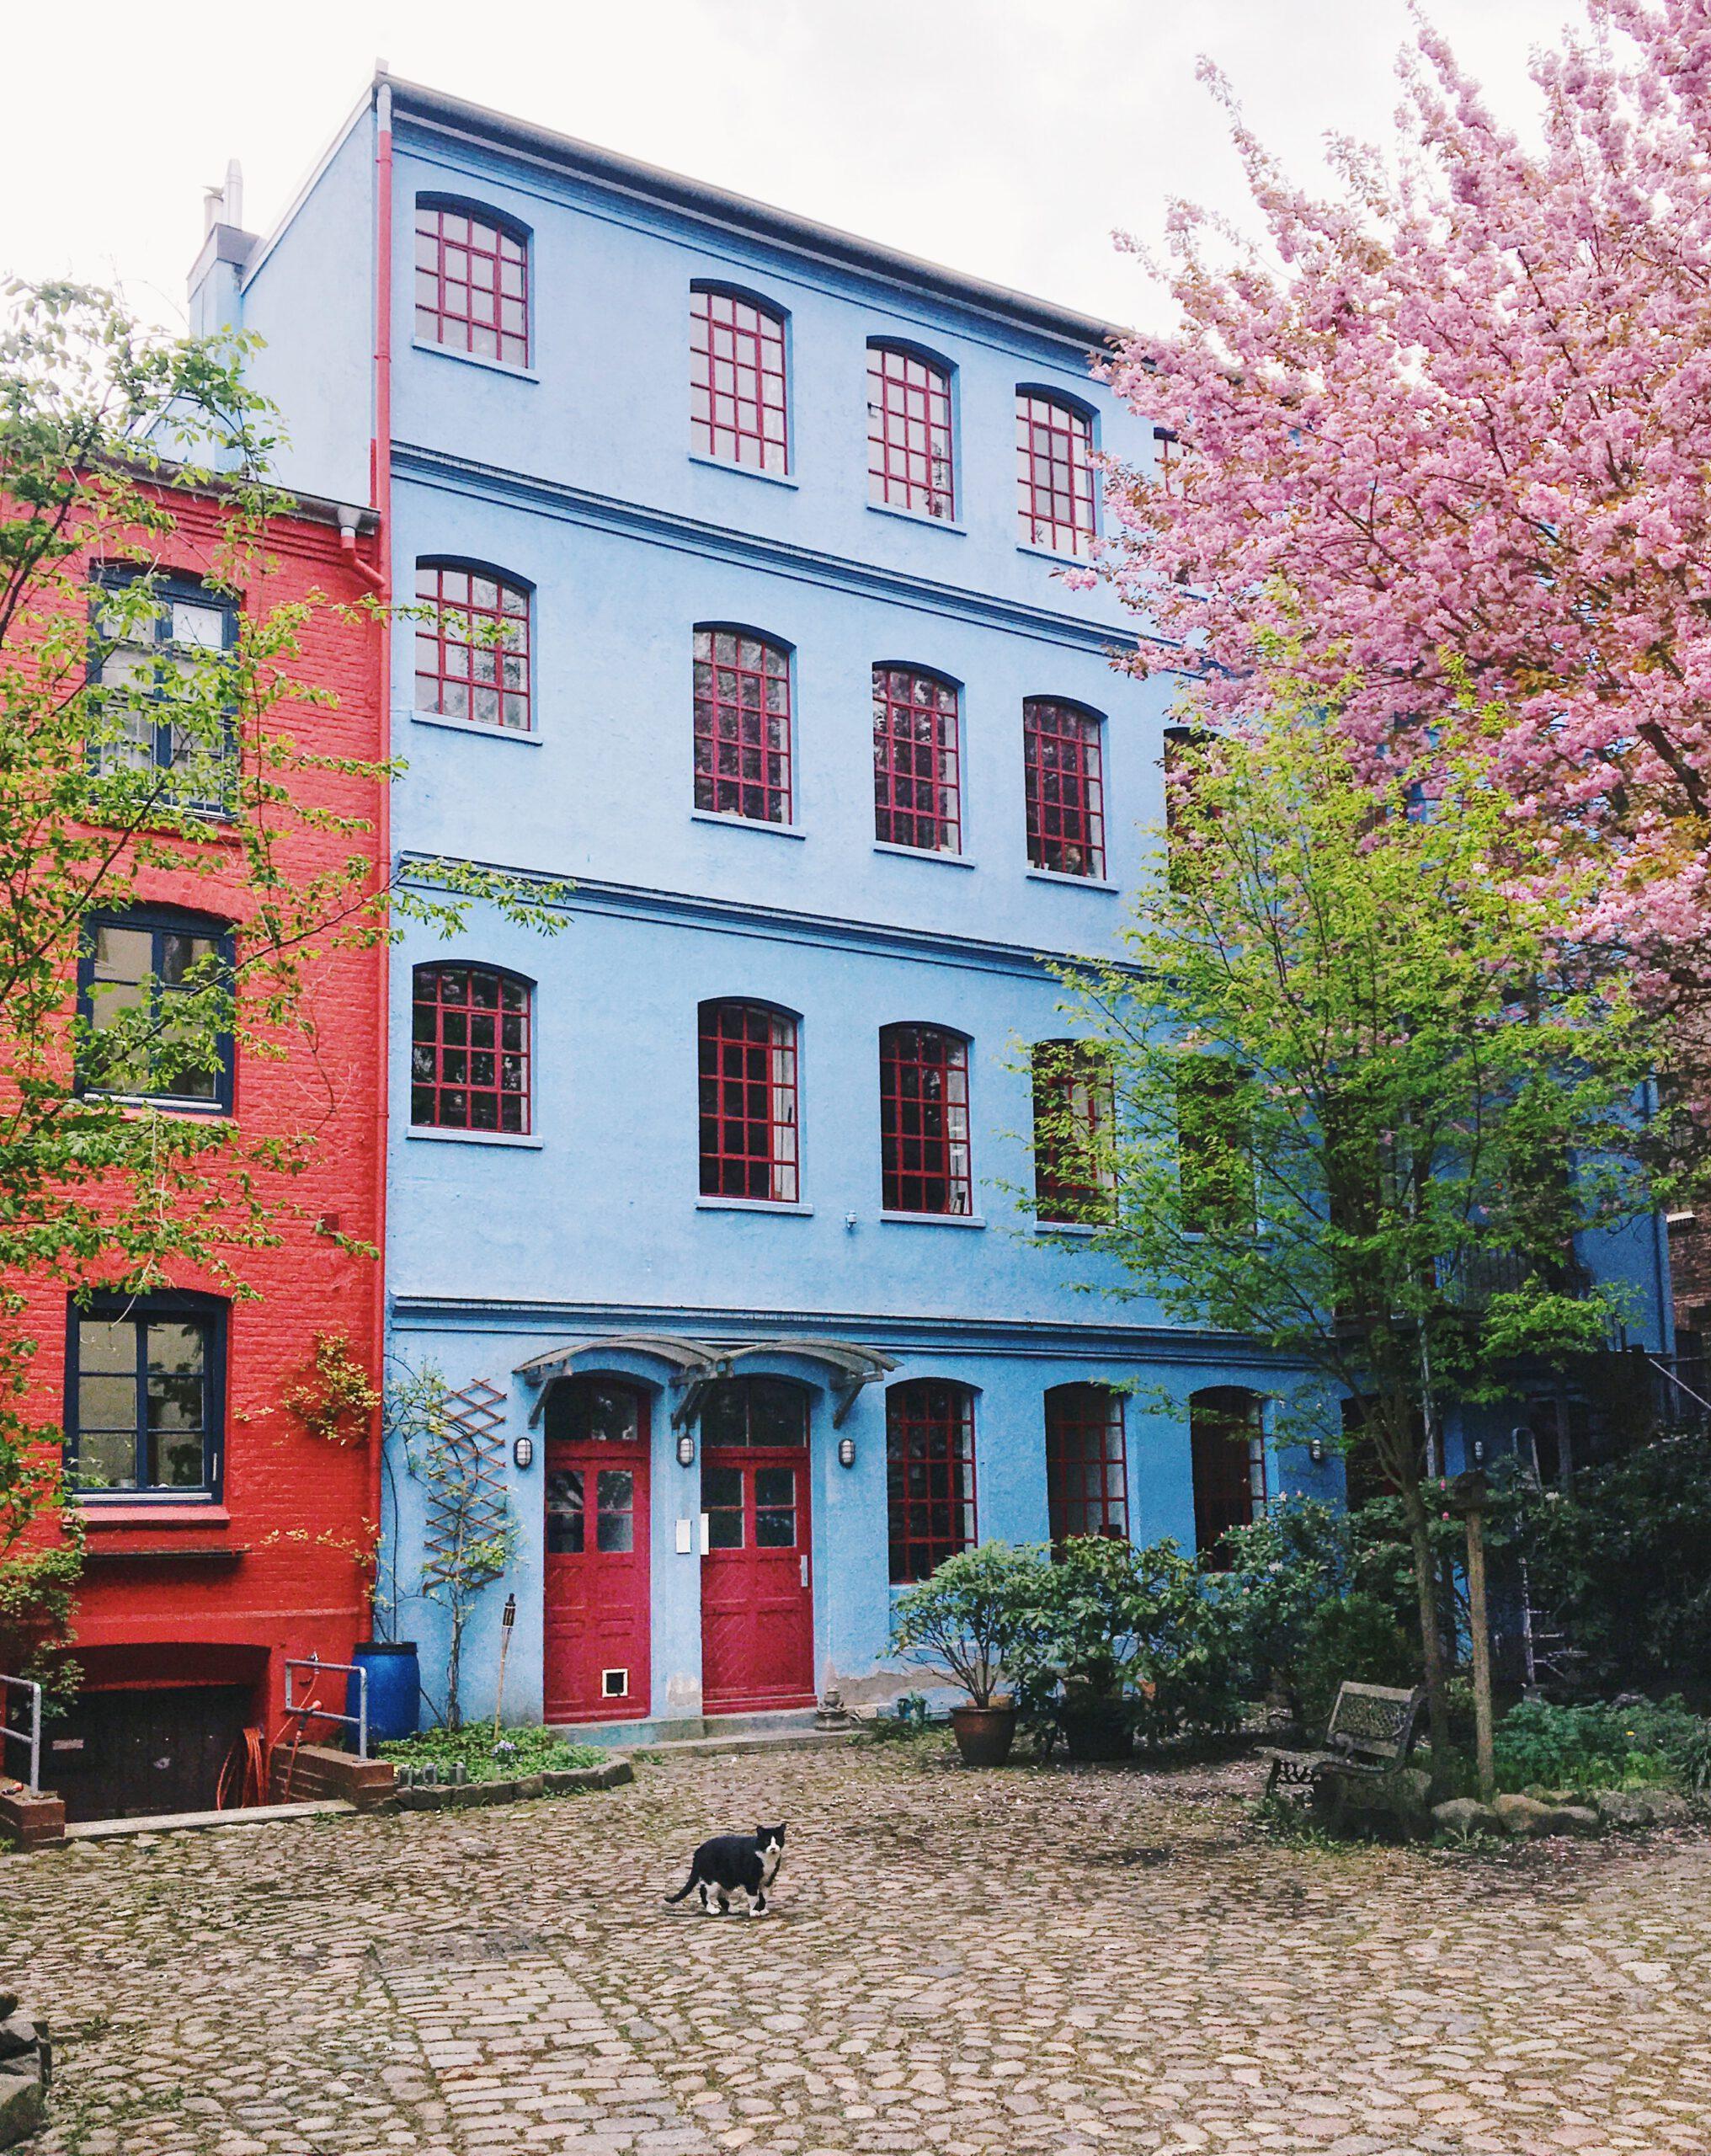 Hinterhöfe in Hamburg: Ottensen